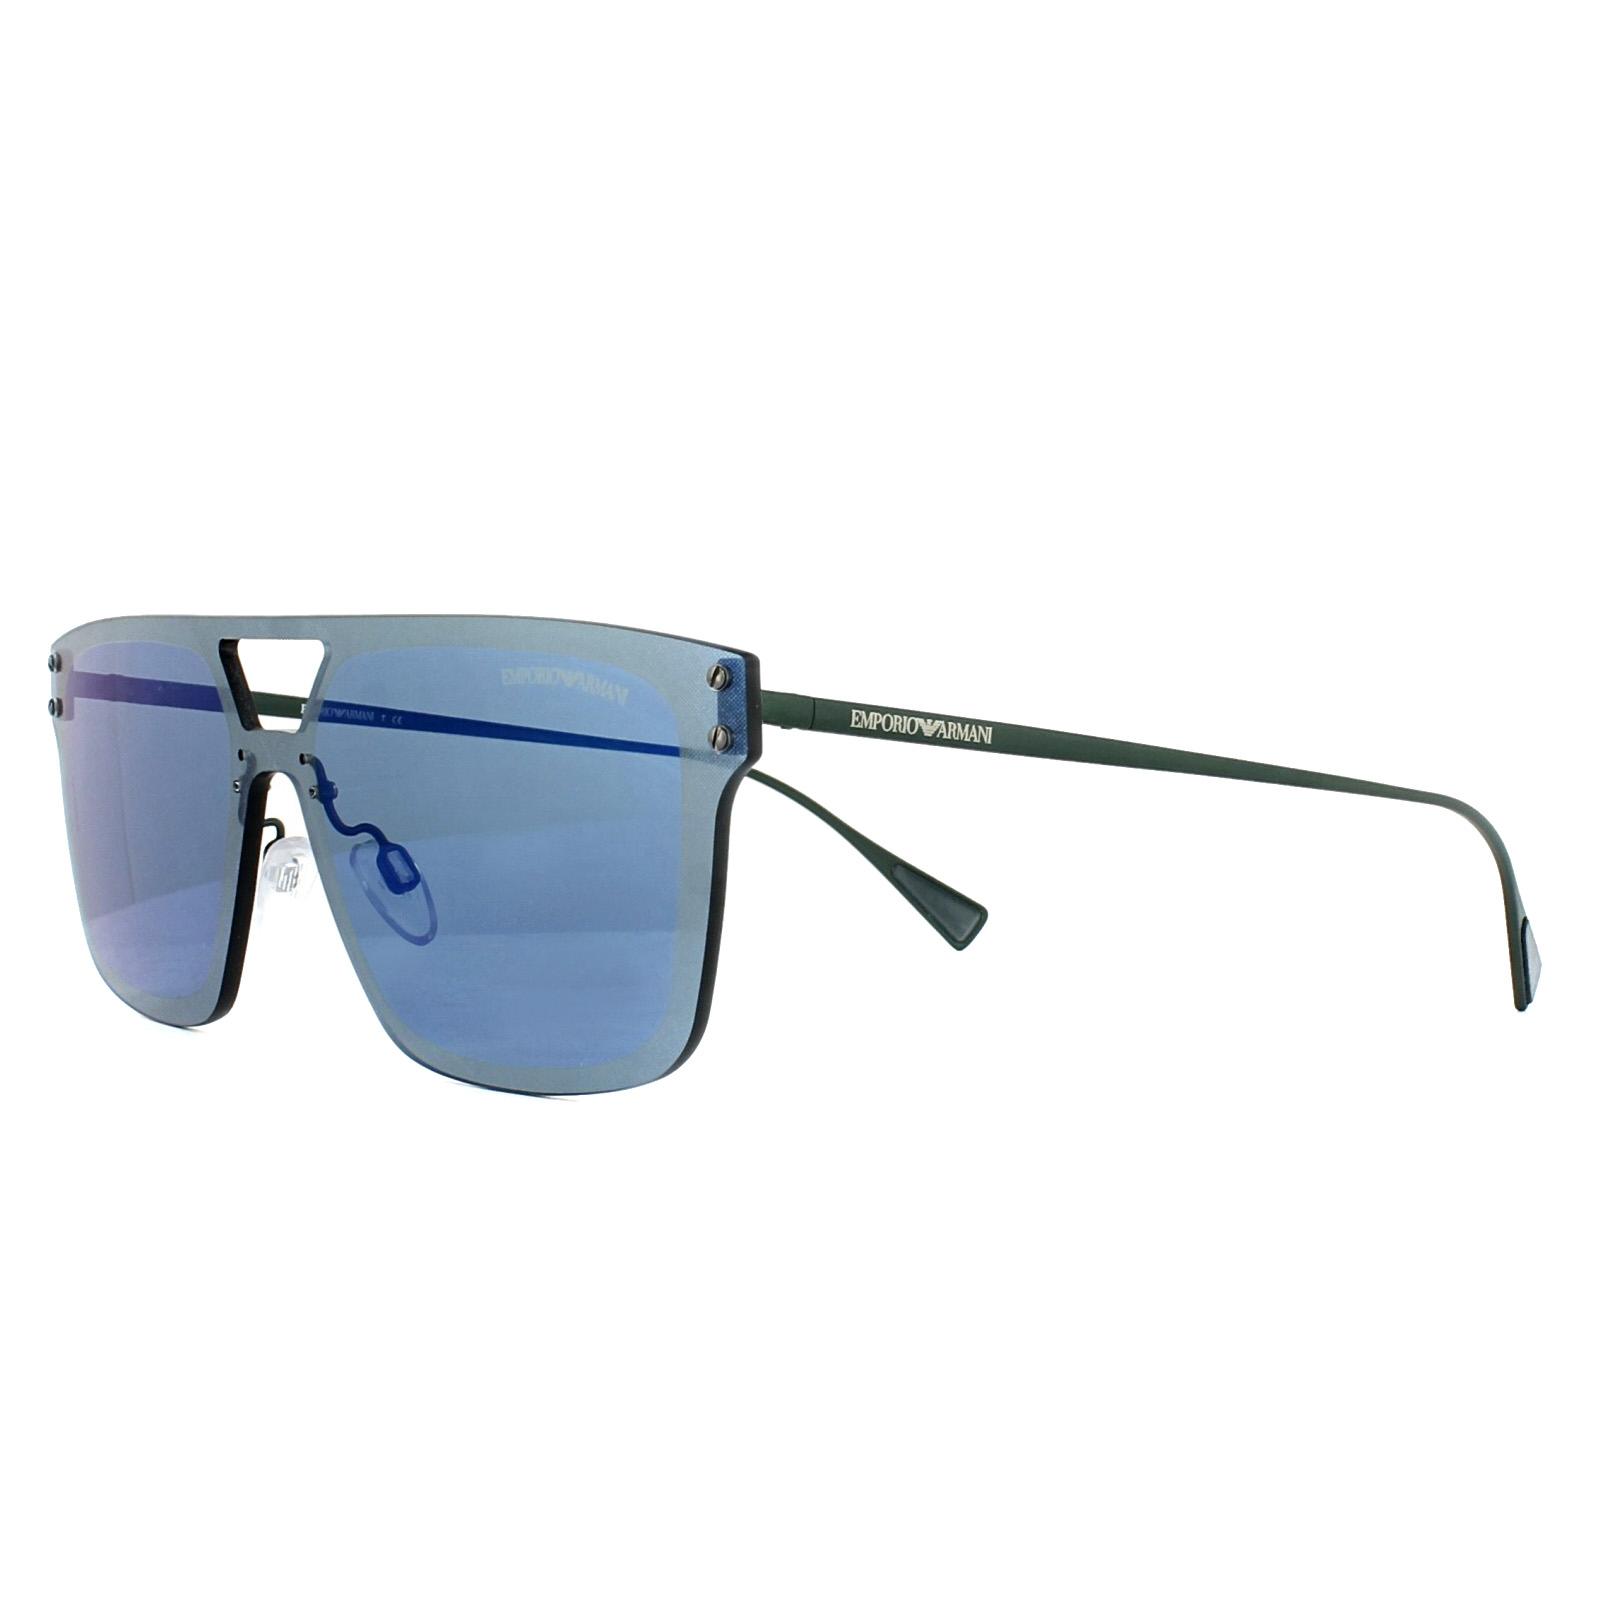 172e242b1f7a Emporio Blue Matt 317355 2048 Green Sunglasses 8053672716511 Armani  fxYwqrfIp